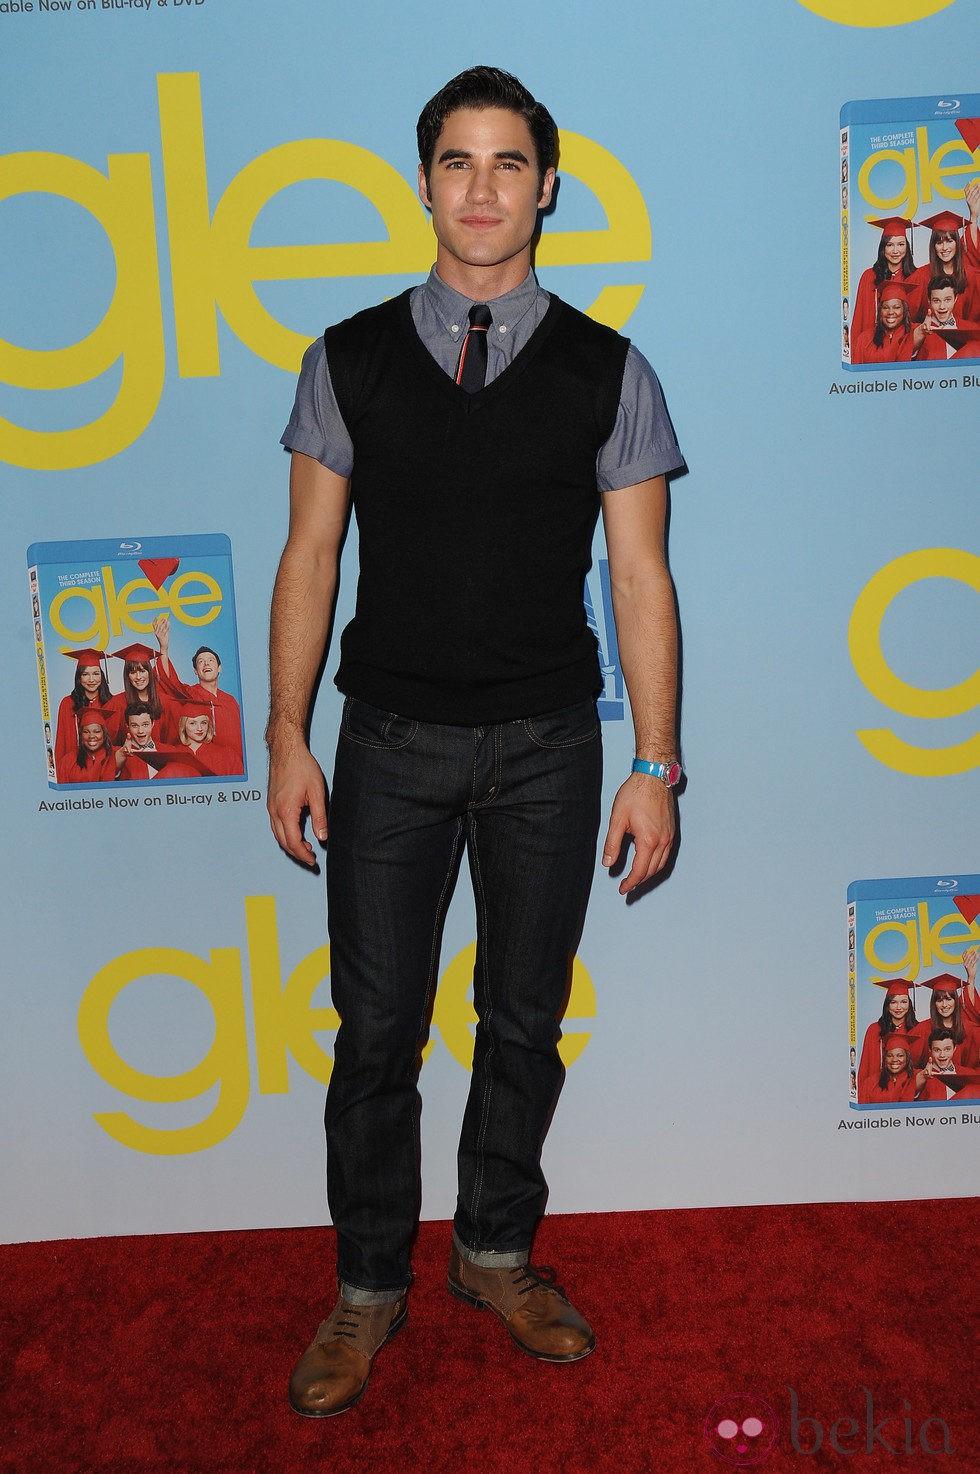 Darren Criss presenta la cuarta temporada de \'Glee\' - Presentación ...